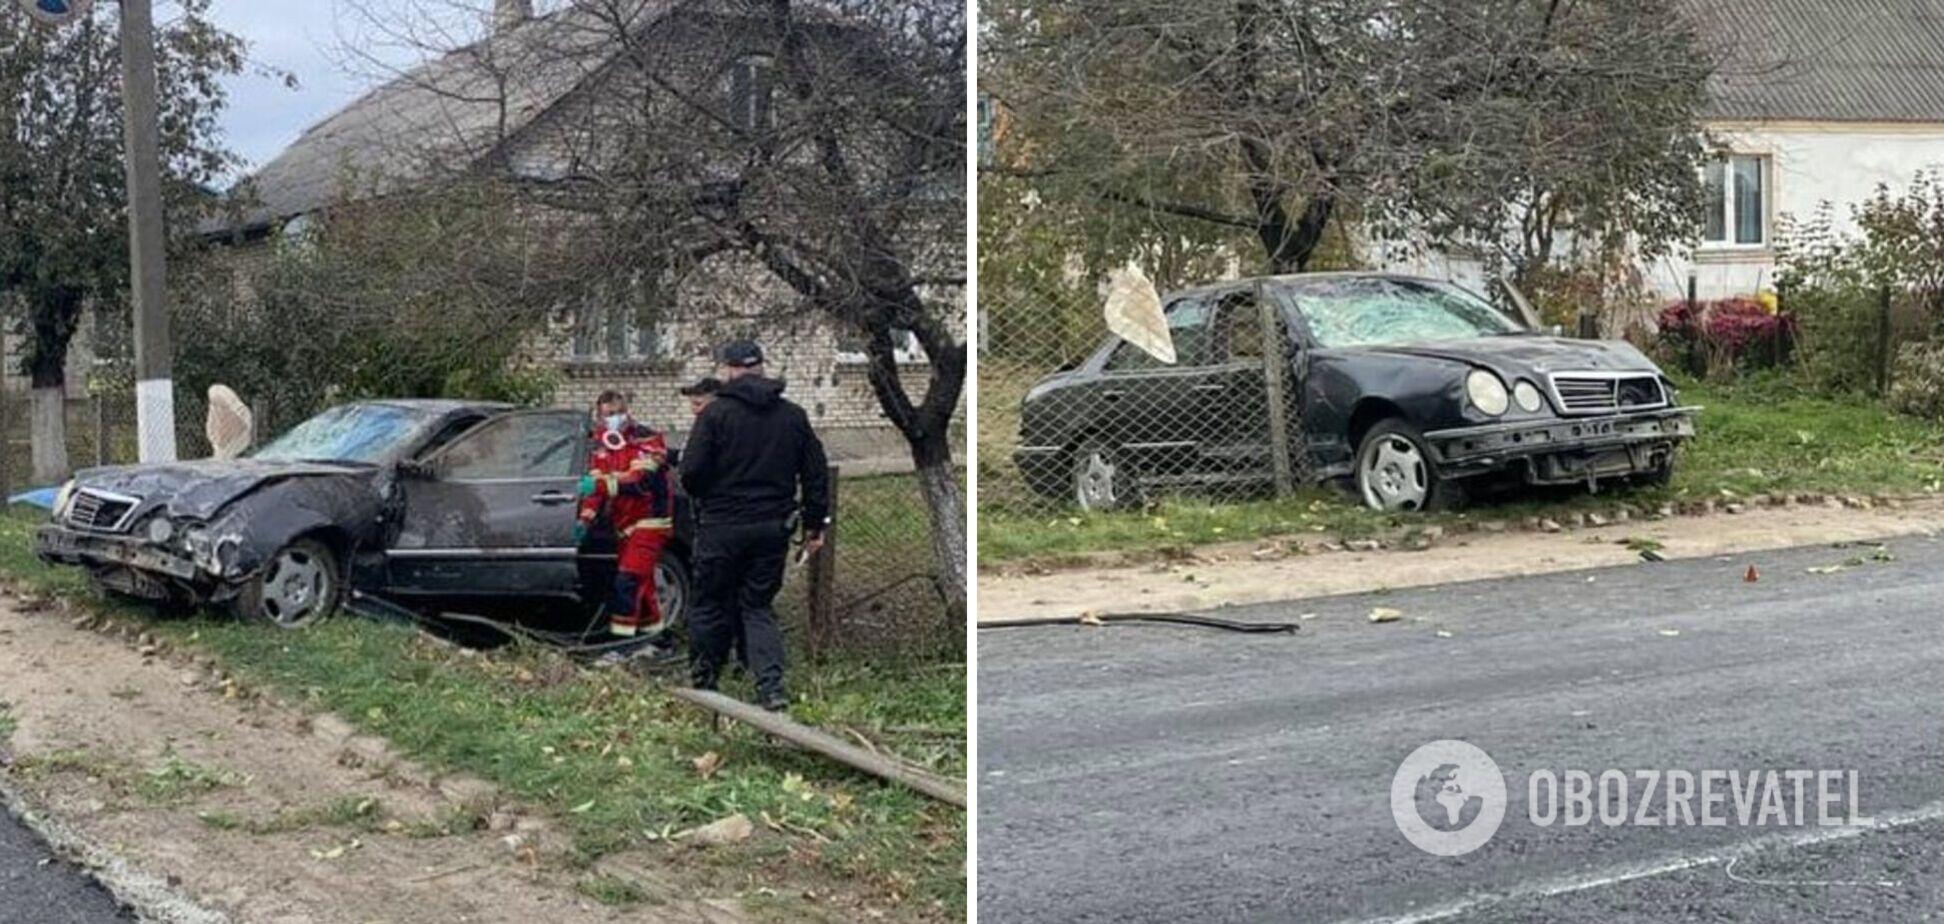 На Волині водій збив жінку на тротуарі й сам загинув, вилетівши з машини. Фото та відео